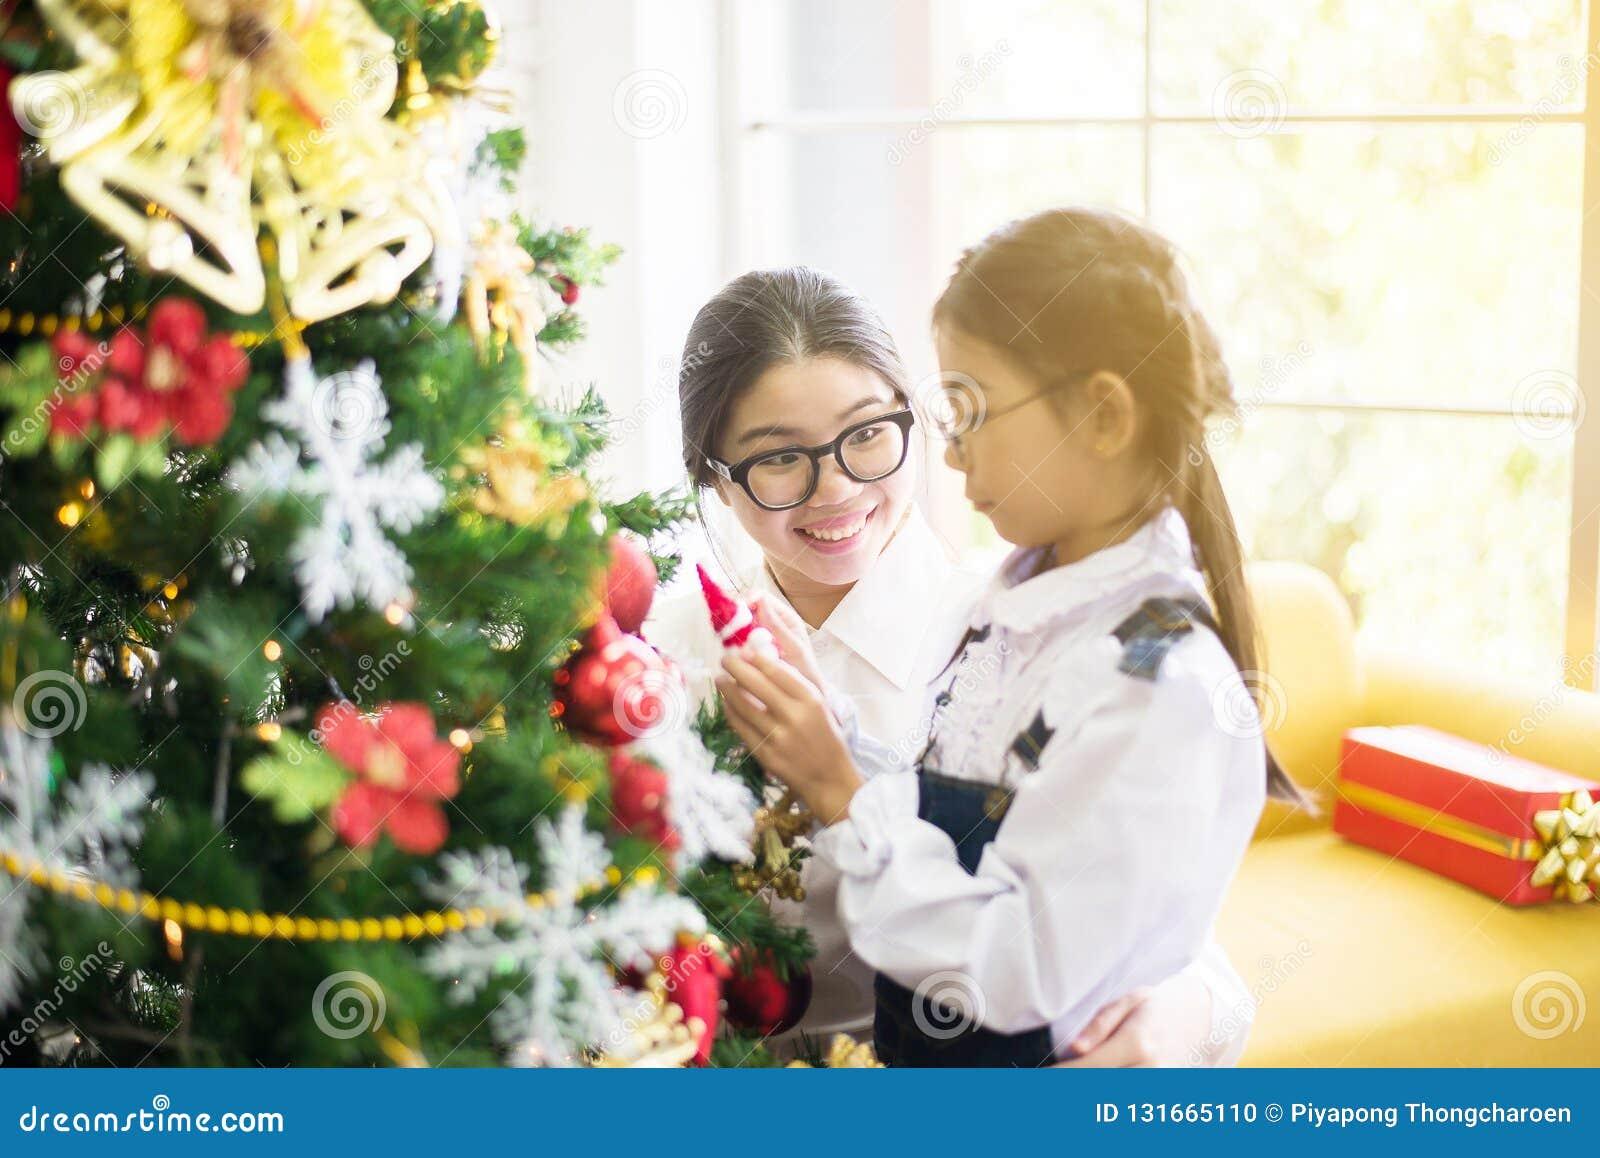 Η αδελφή κάνει ένα κιβώτιο δώρων Χριστουγέννων στη νεώτερη αδελφή για τις διακοπές Χριστουγέννων, ευτυχής και χαμογελώντας από κο